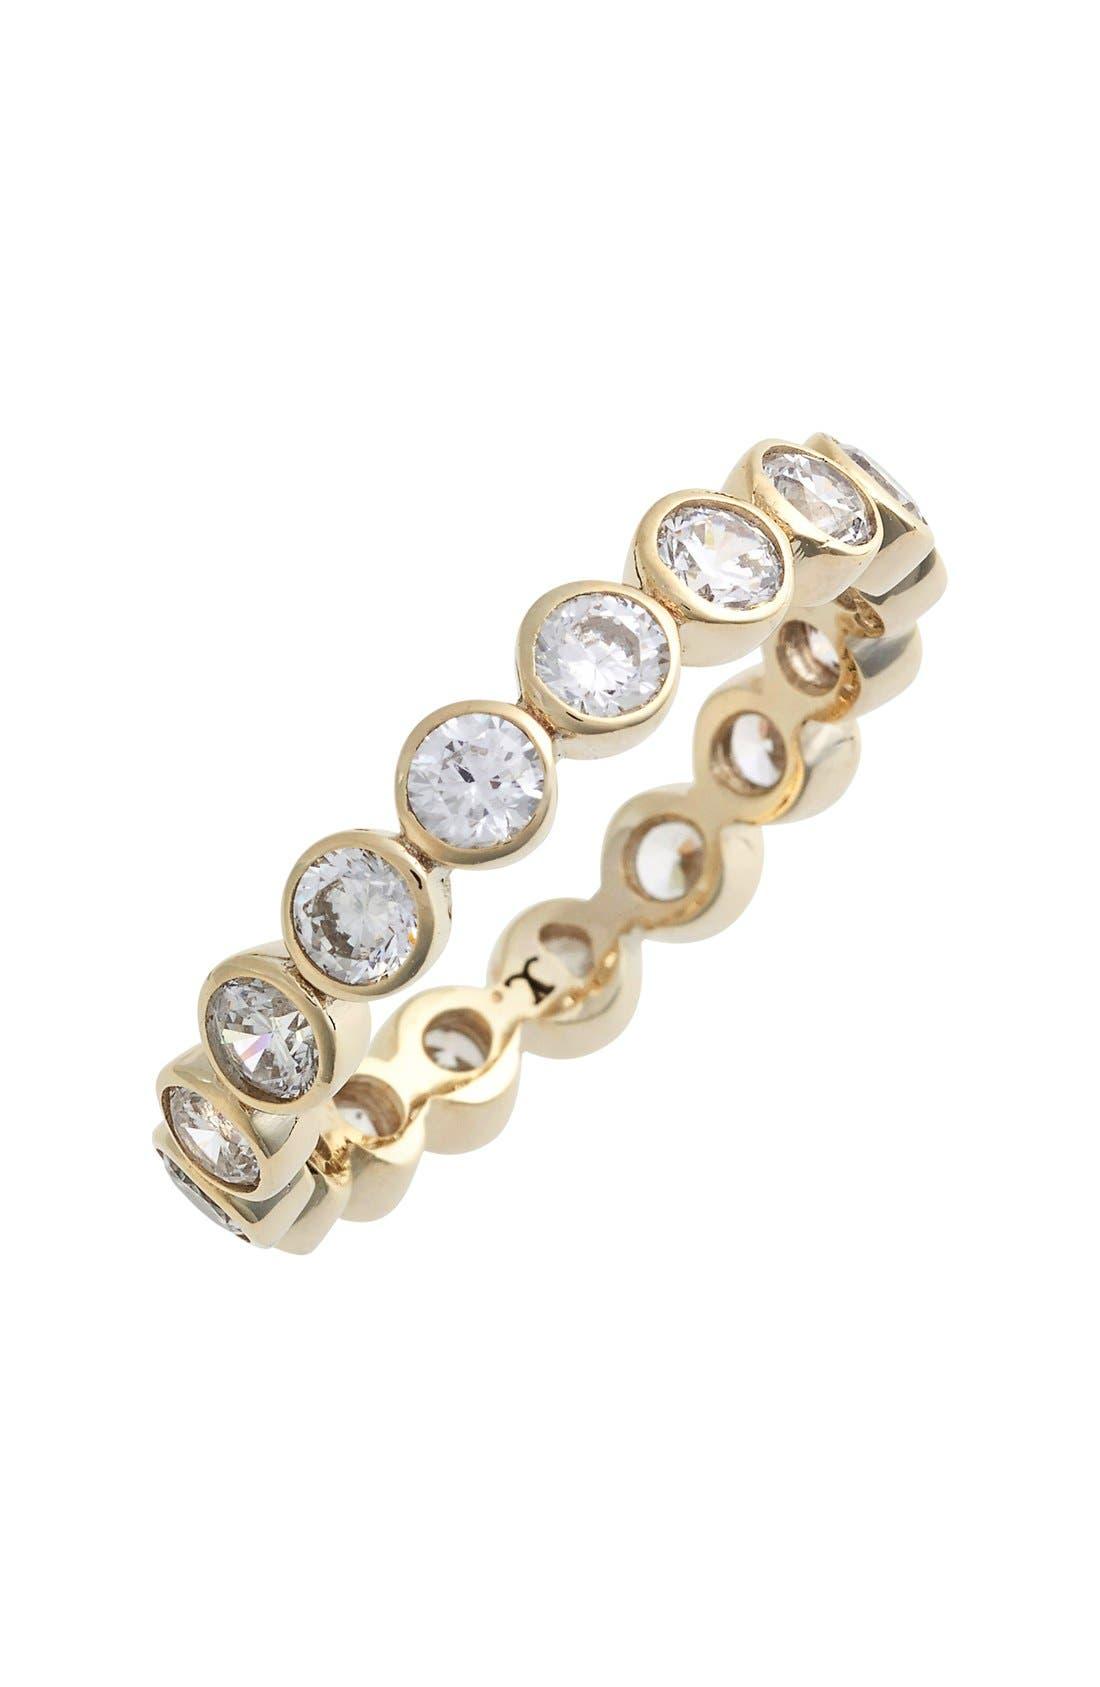 Main Image - Judith Jack Stackable Cubic Zirconia Bezel Ring